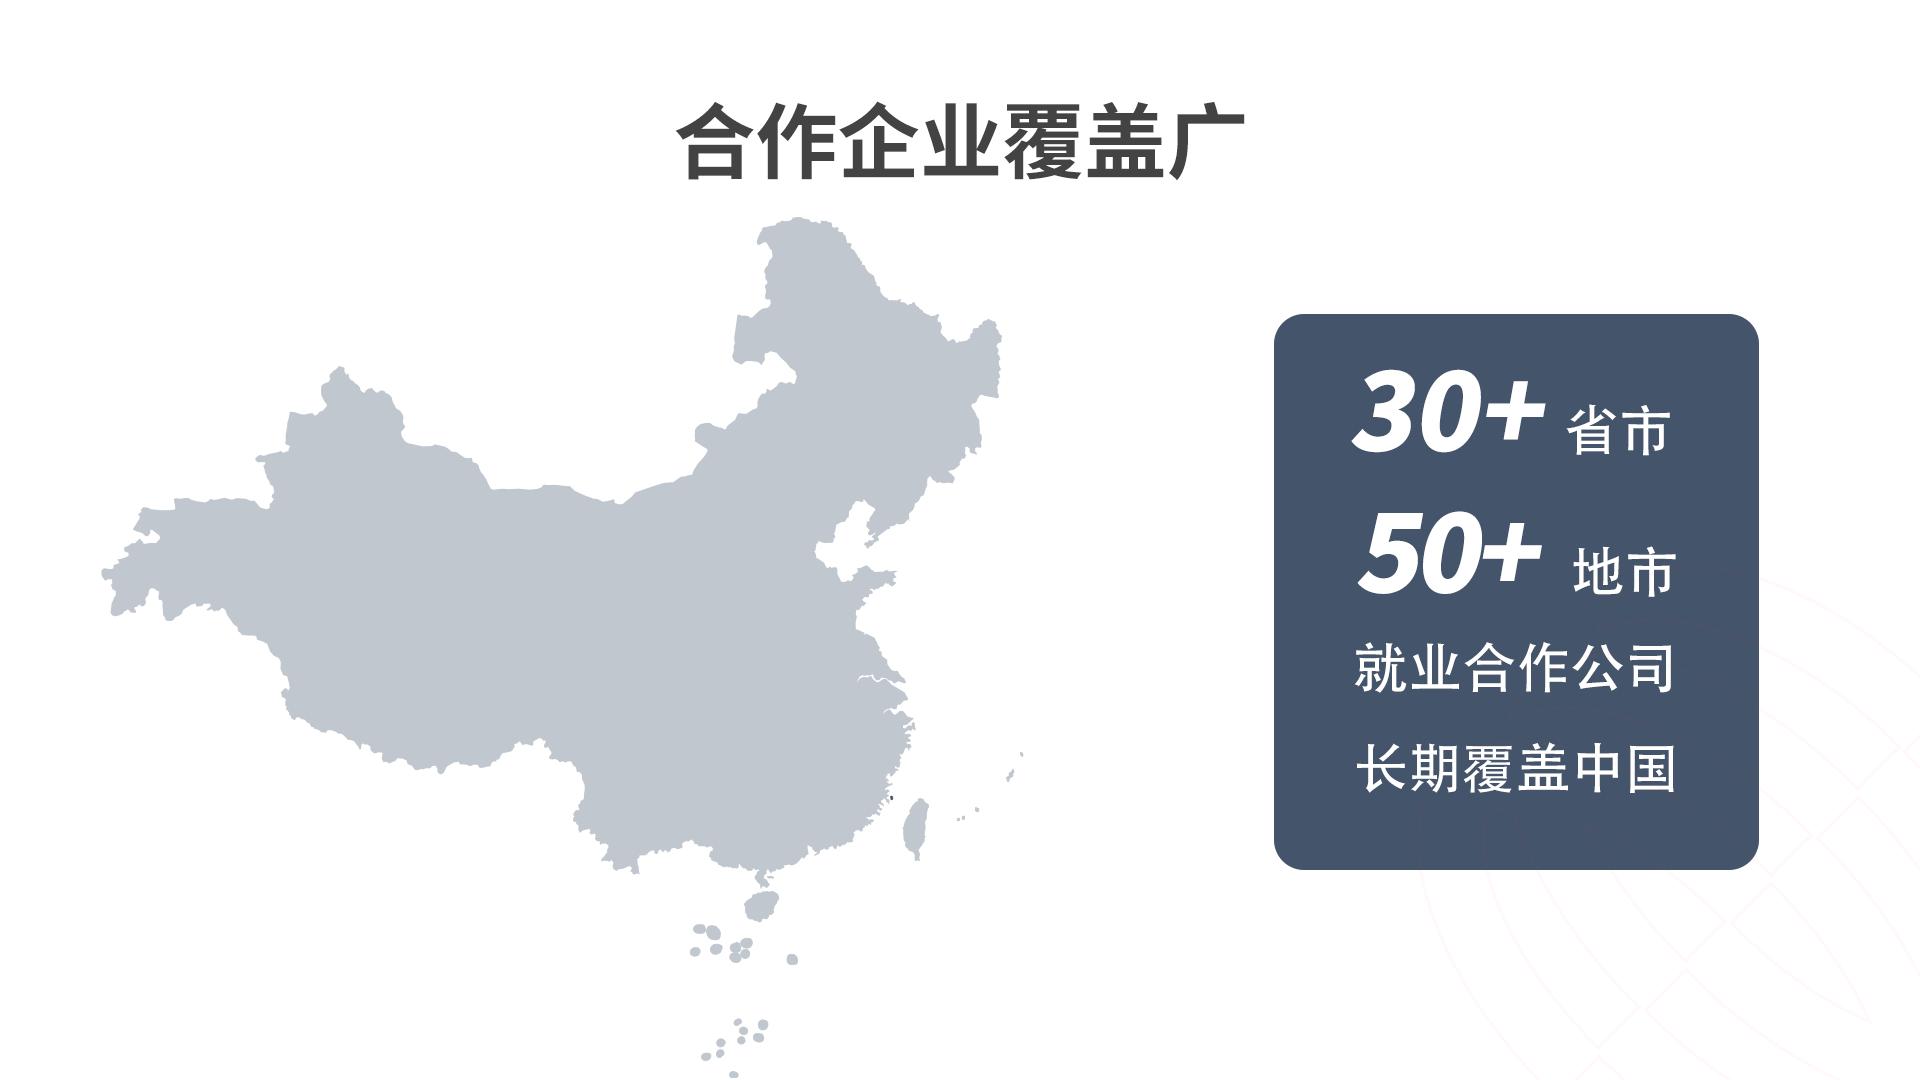 合作企业覆盖广:30+省市 50+地市